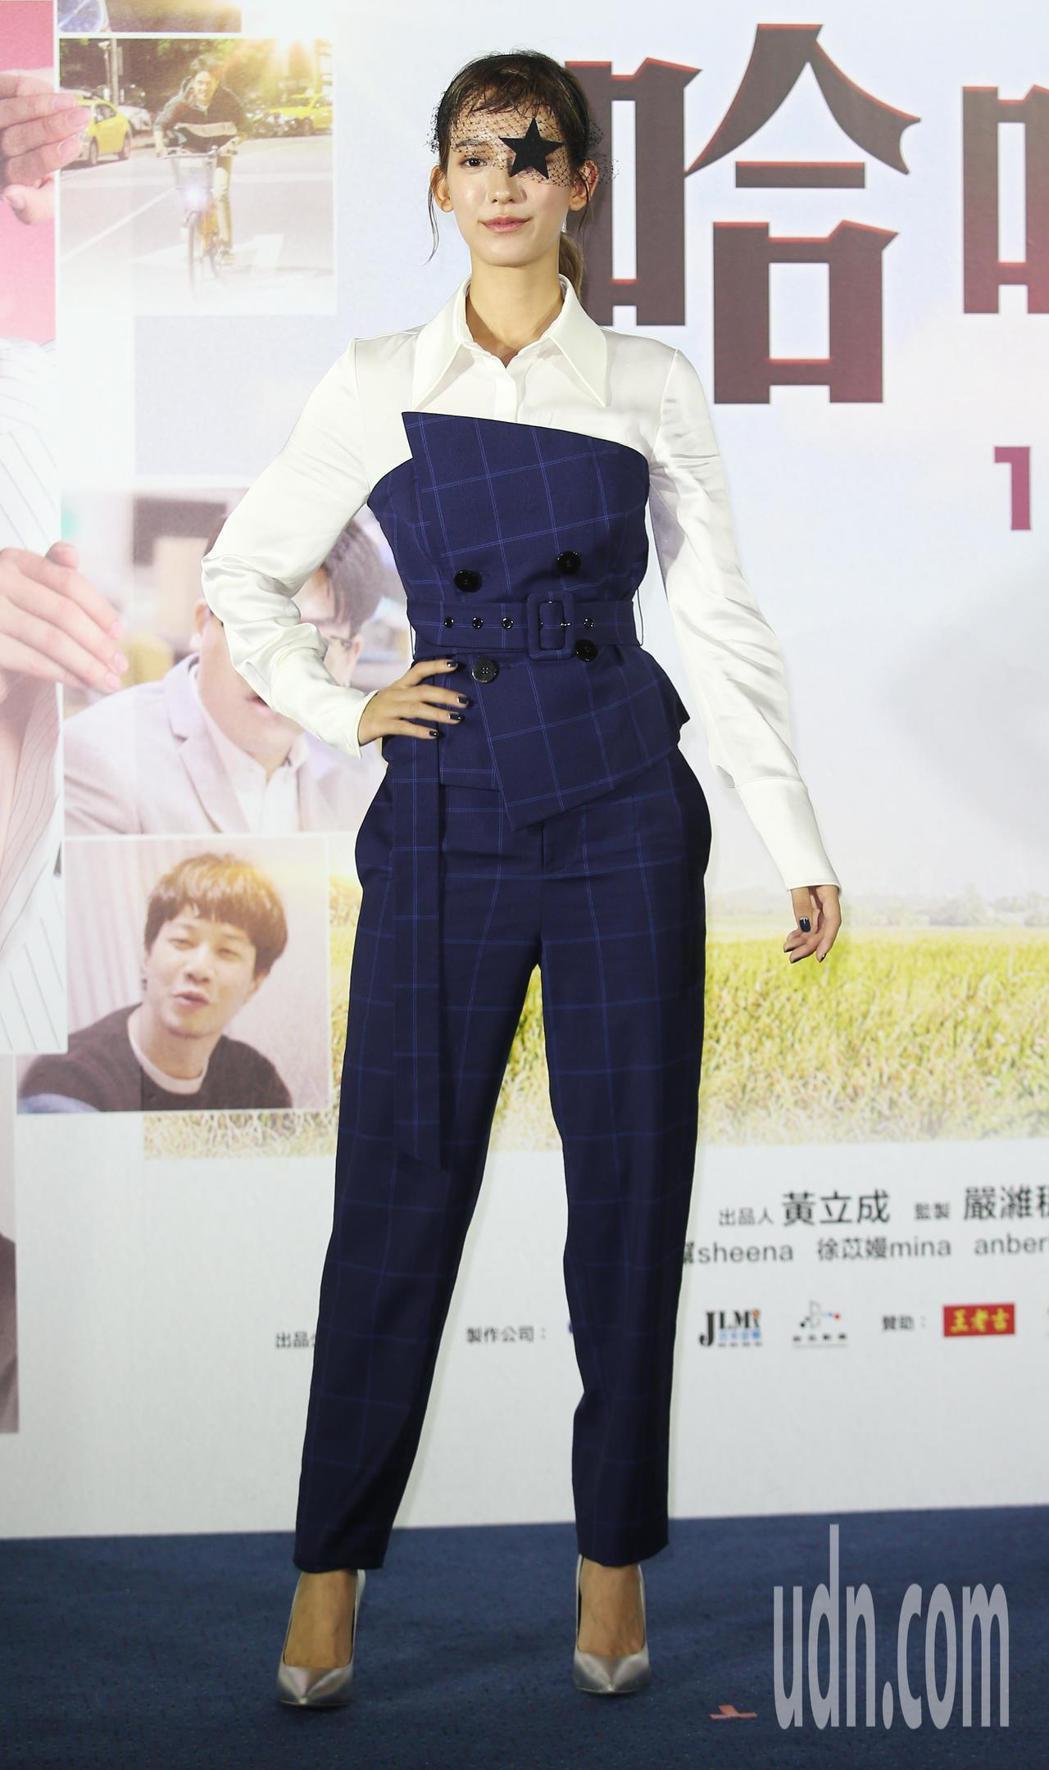 哈囉!有事嗎】首映會在信義威秀舉行,女主角孟耿如出席。記者陳正興/攝影